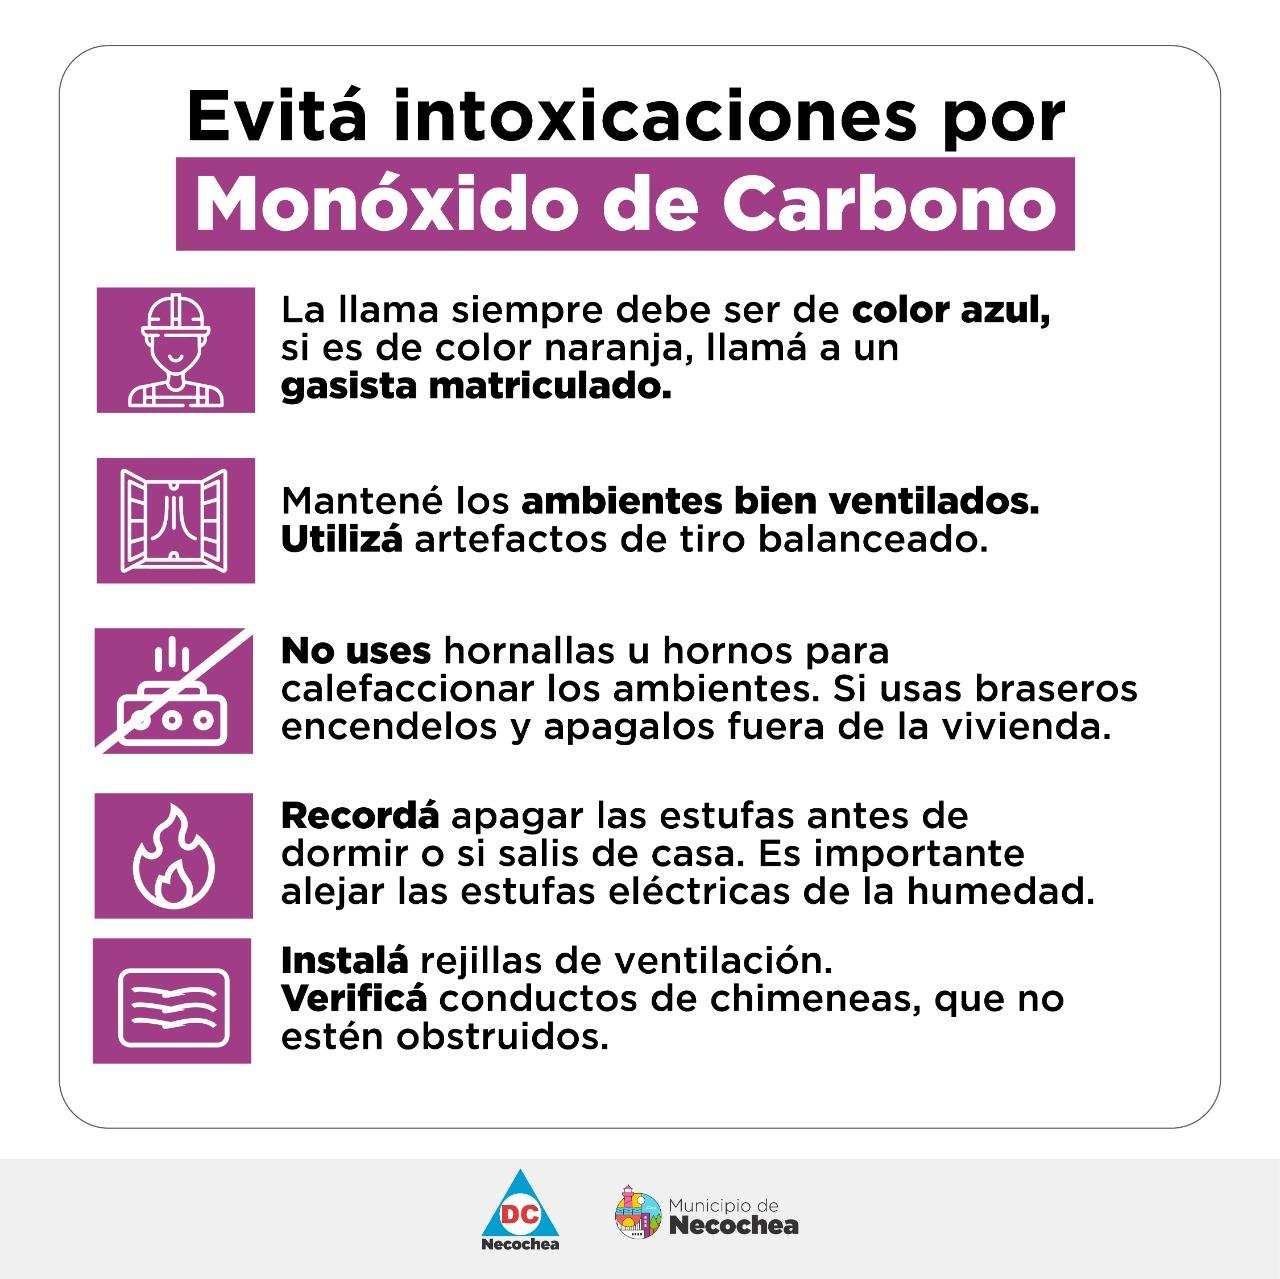 Cómo evitar intoxicaciones por monóxido de carbono